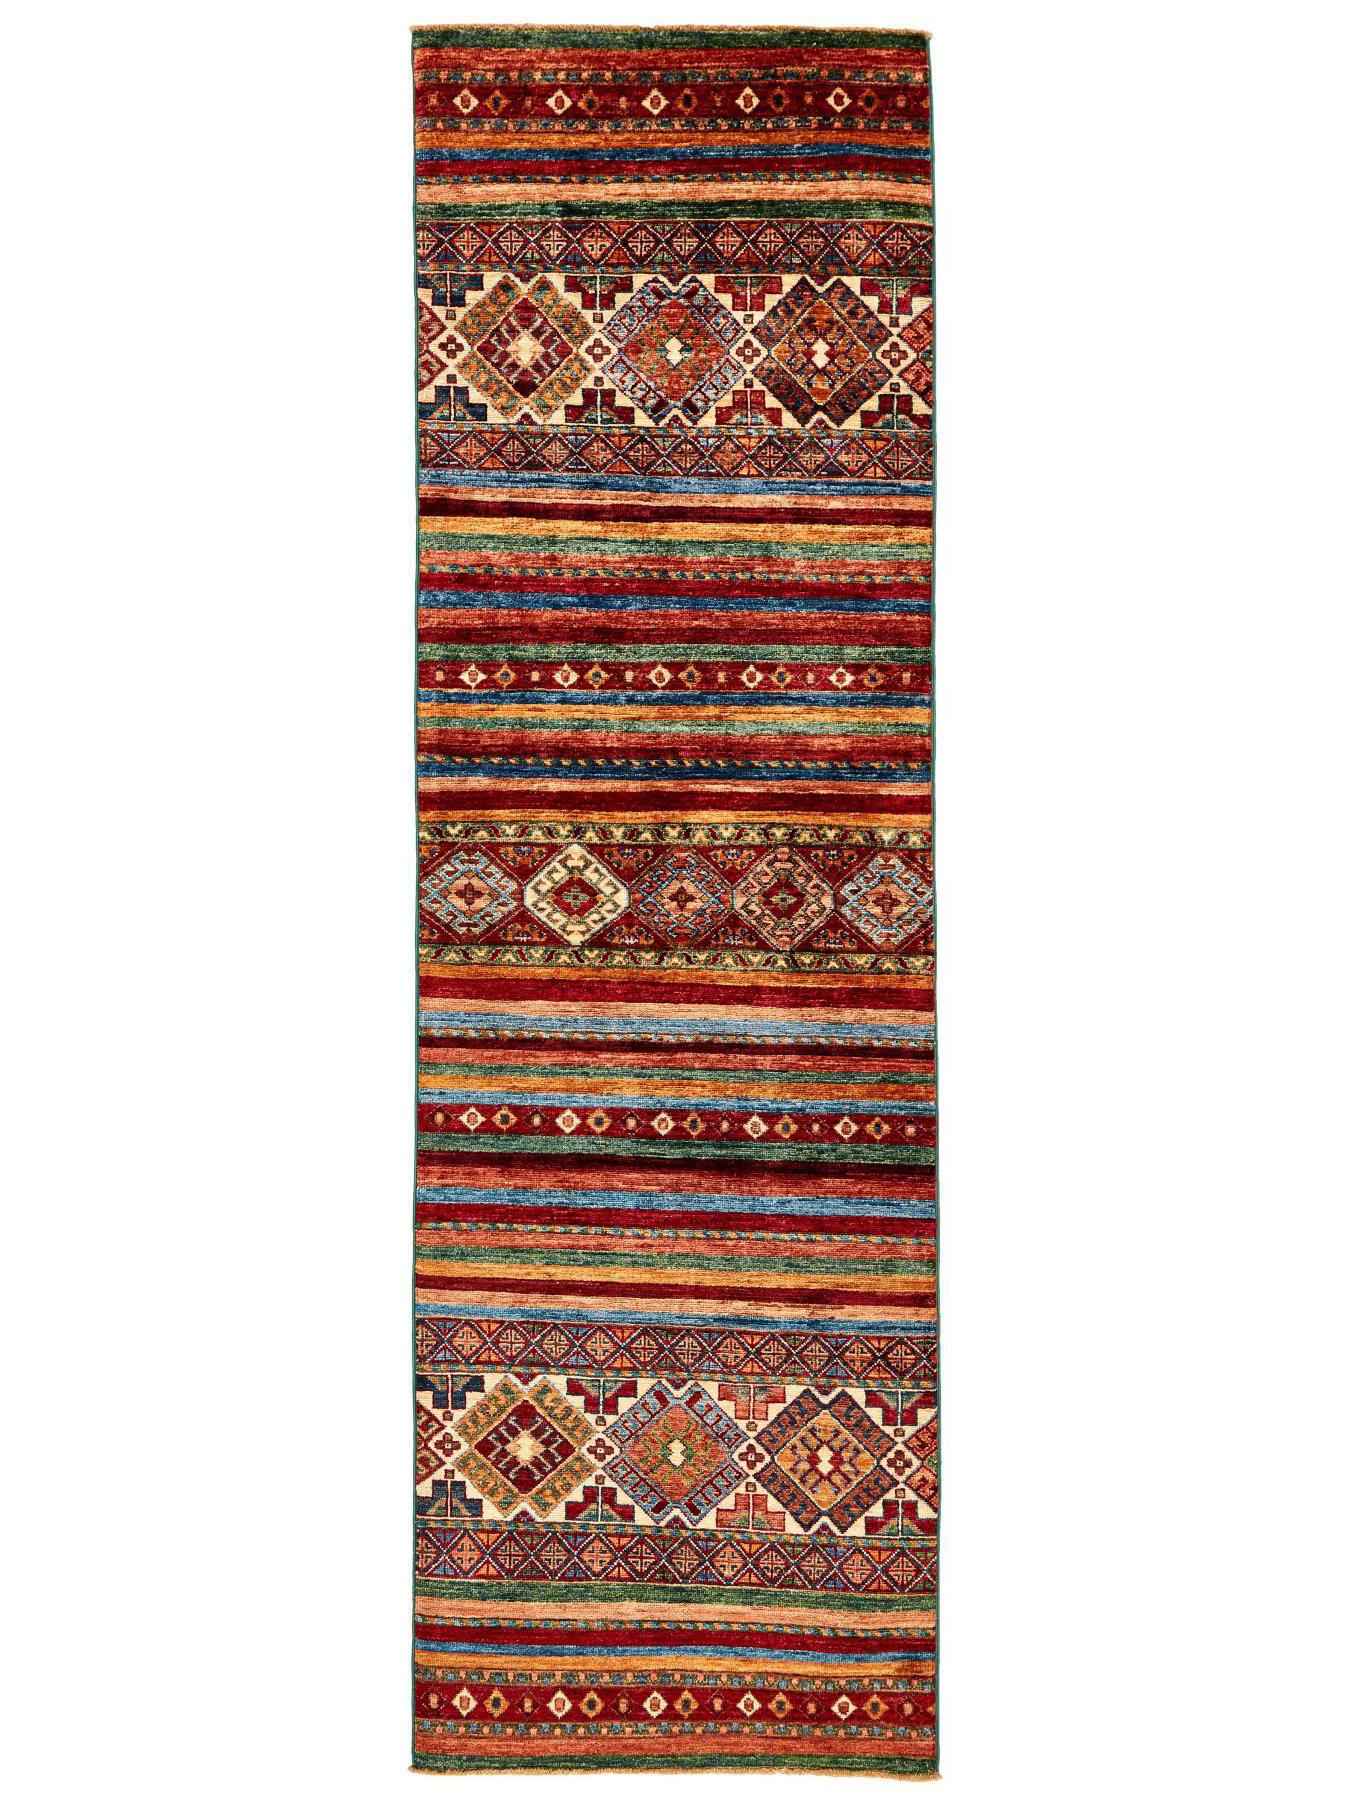 Tapis ethniques - Ghaznavi